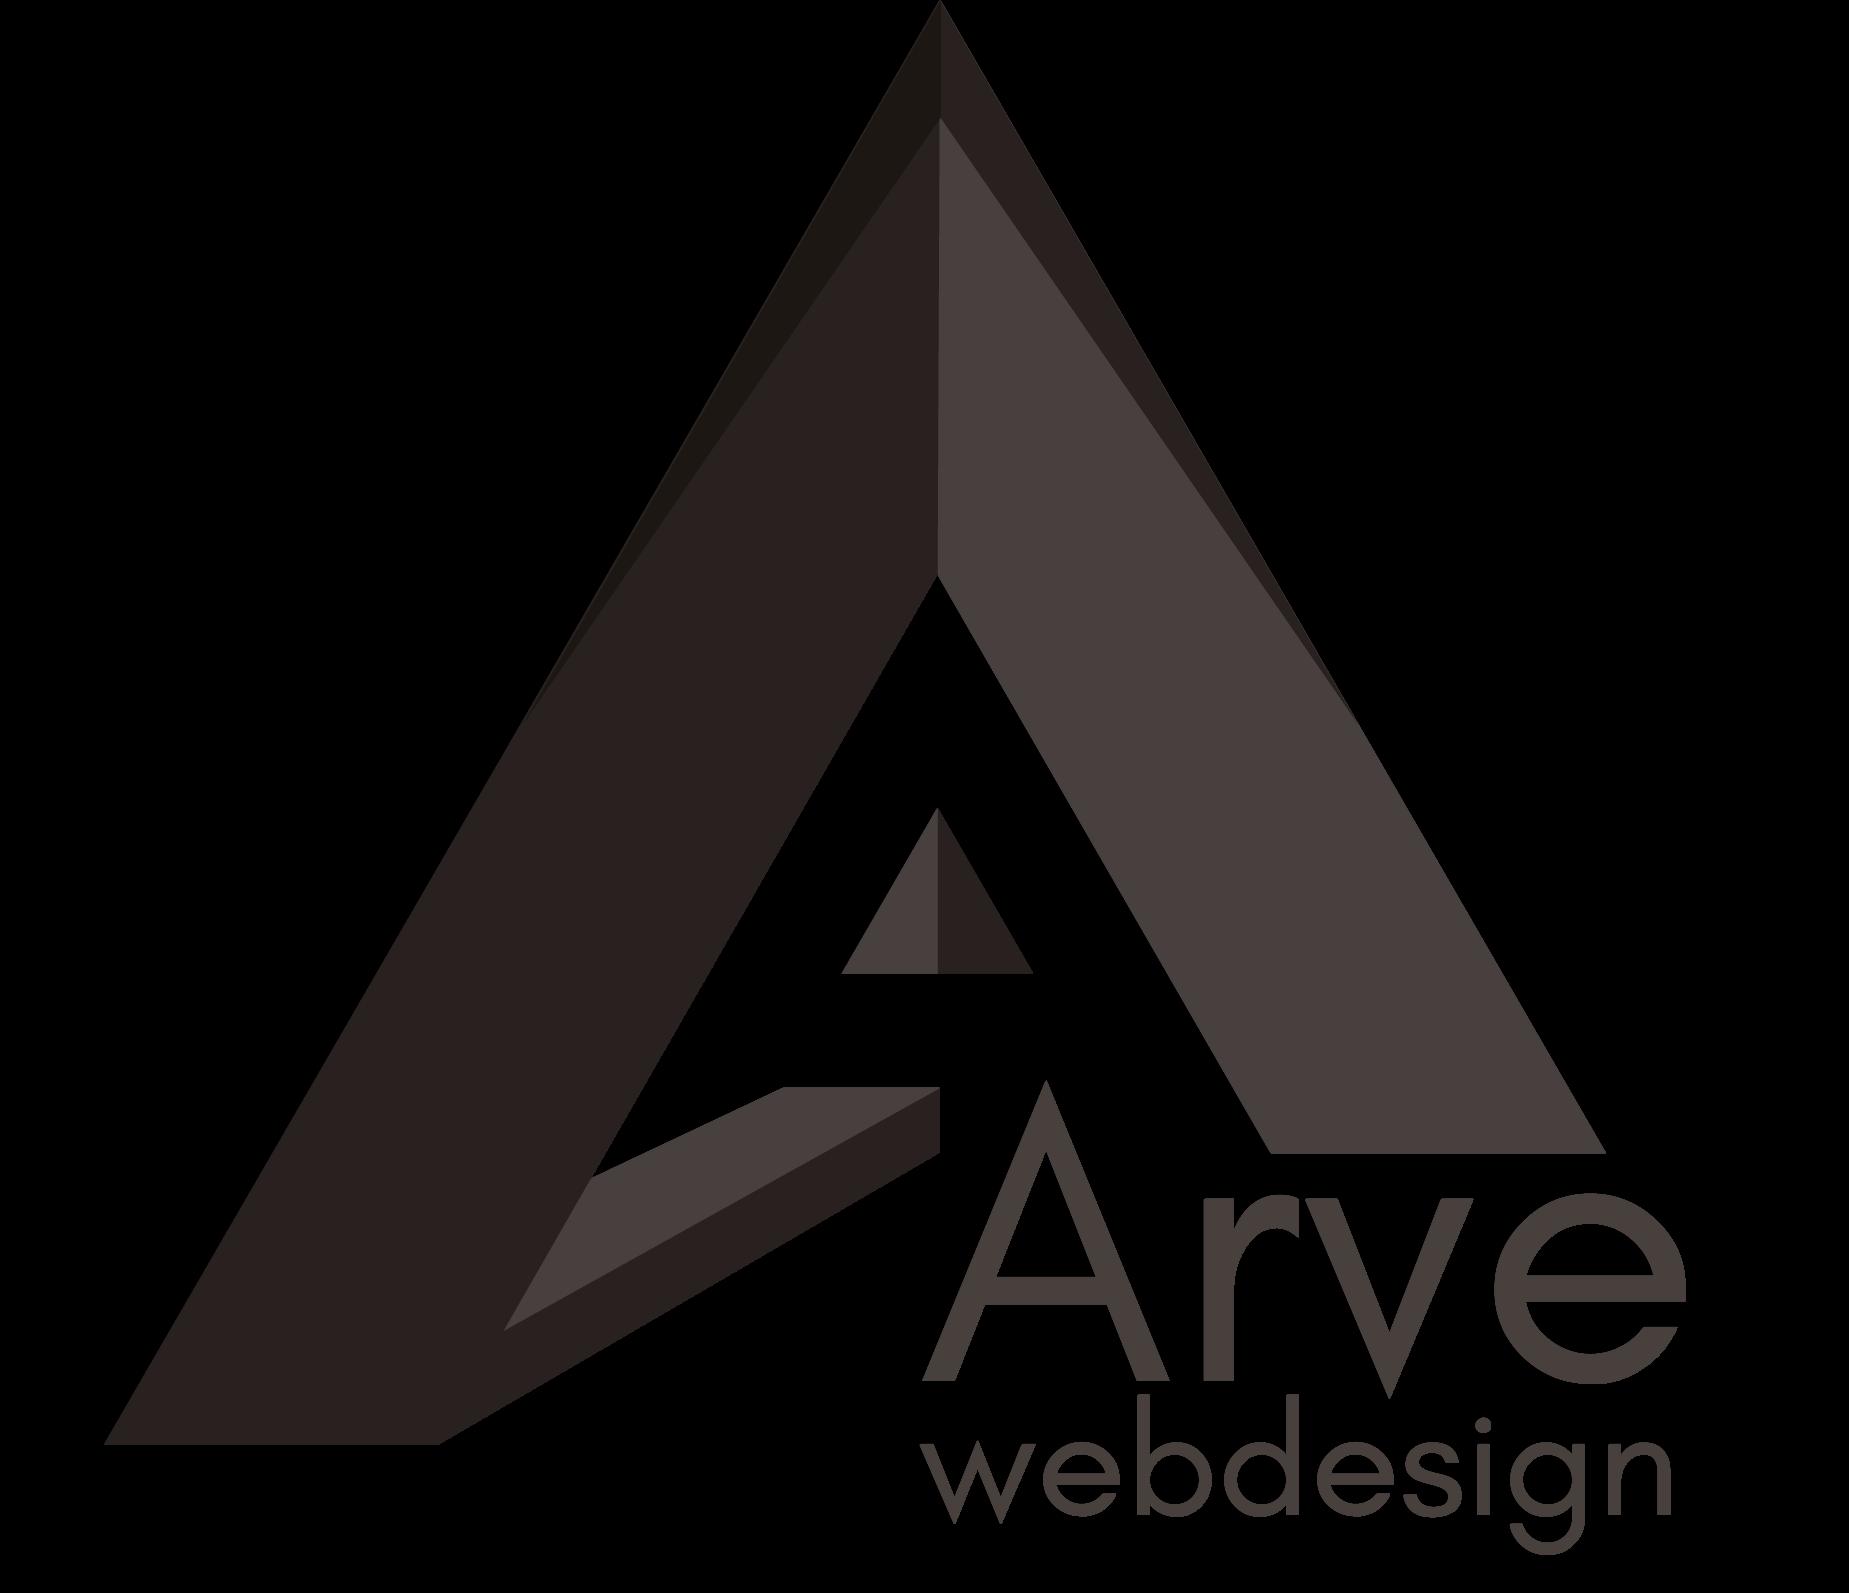 Arve Webdesign